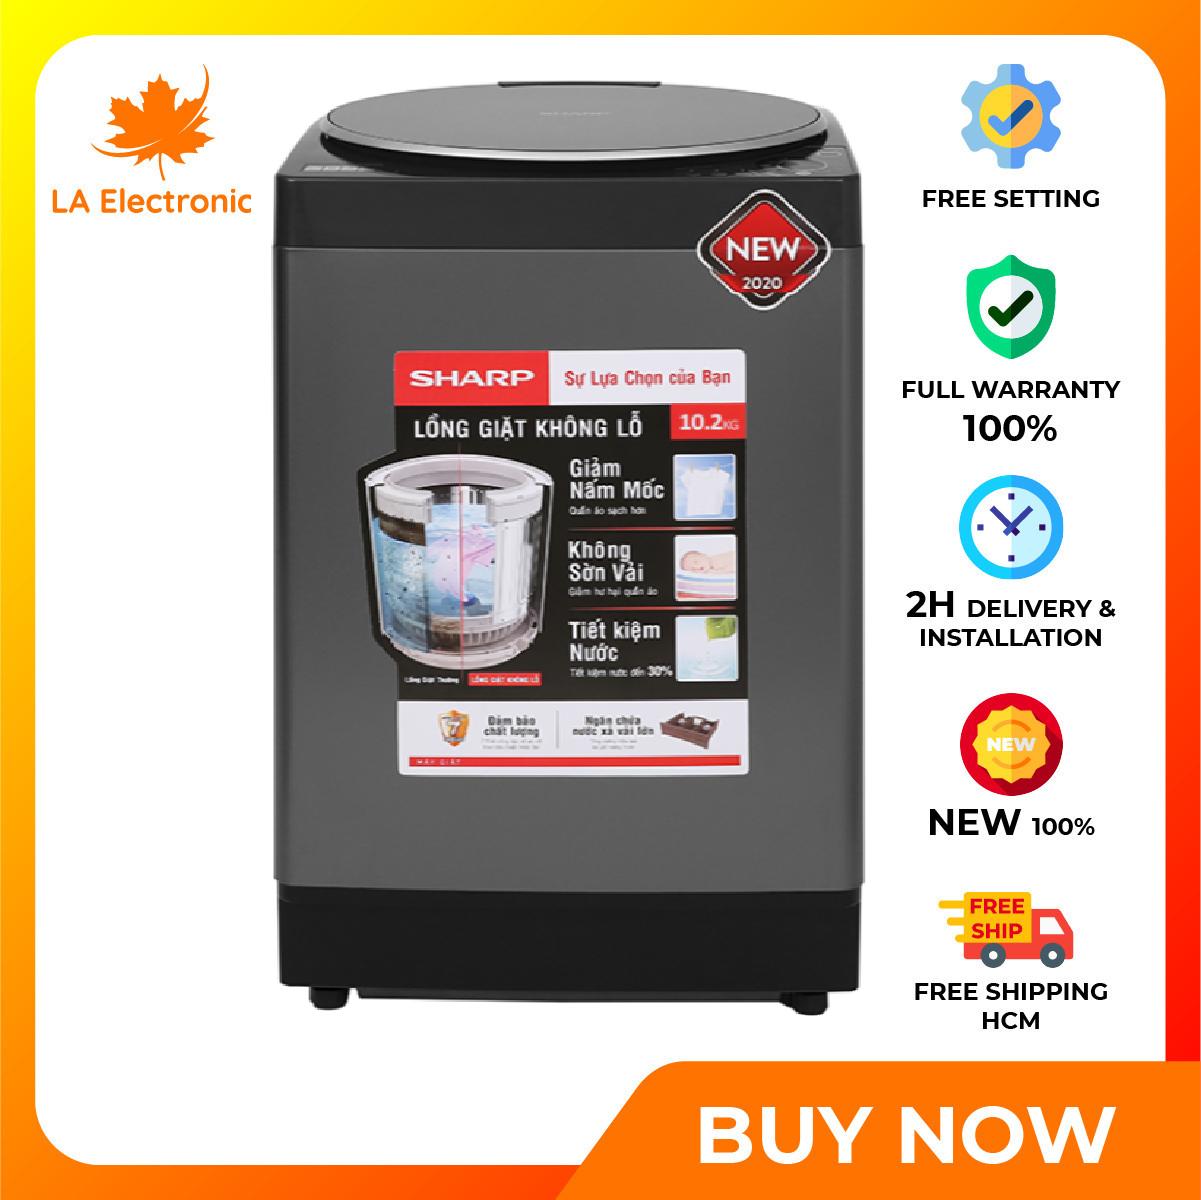 [GIAO HÀNG 2 - 15 NGÀY, TRỄ NHẤT 15.08] [Trả góp 0%]Installment 0% - Máy giặt - Sharp washing machine 10.2 kg ES-W102PV-H thiết kế thông minh công nghệ hiện đại hoạt động mạnh mẽ và bền bỉ có chế độ bảo hành và xuất xứ rõ ràng - Miễn phí vận chuyển HCM